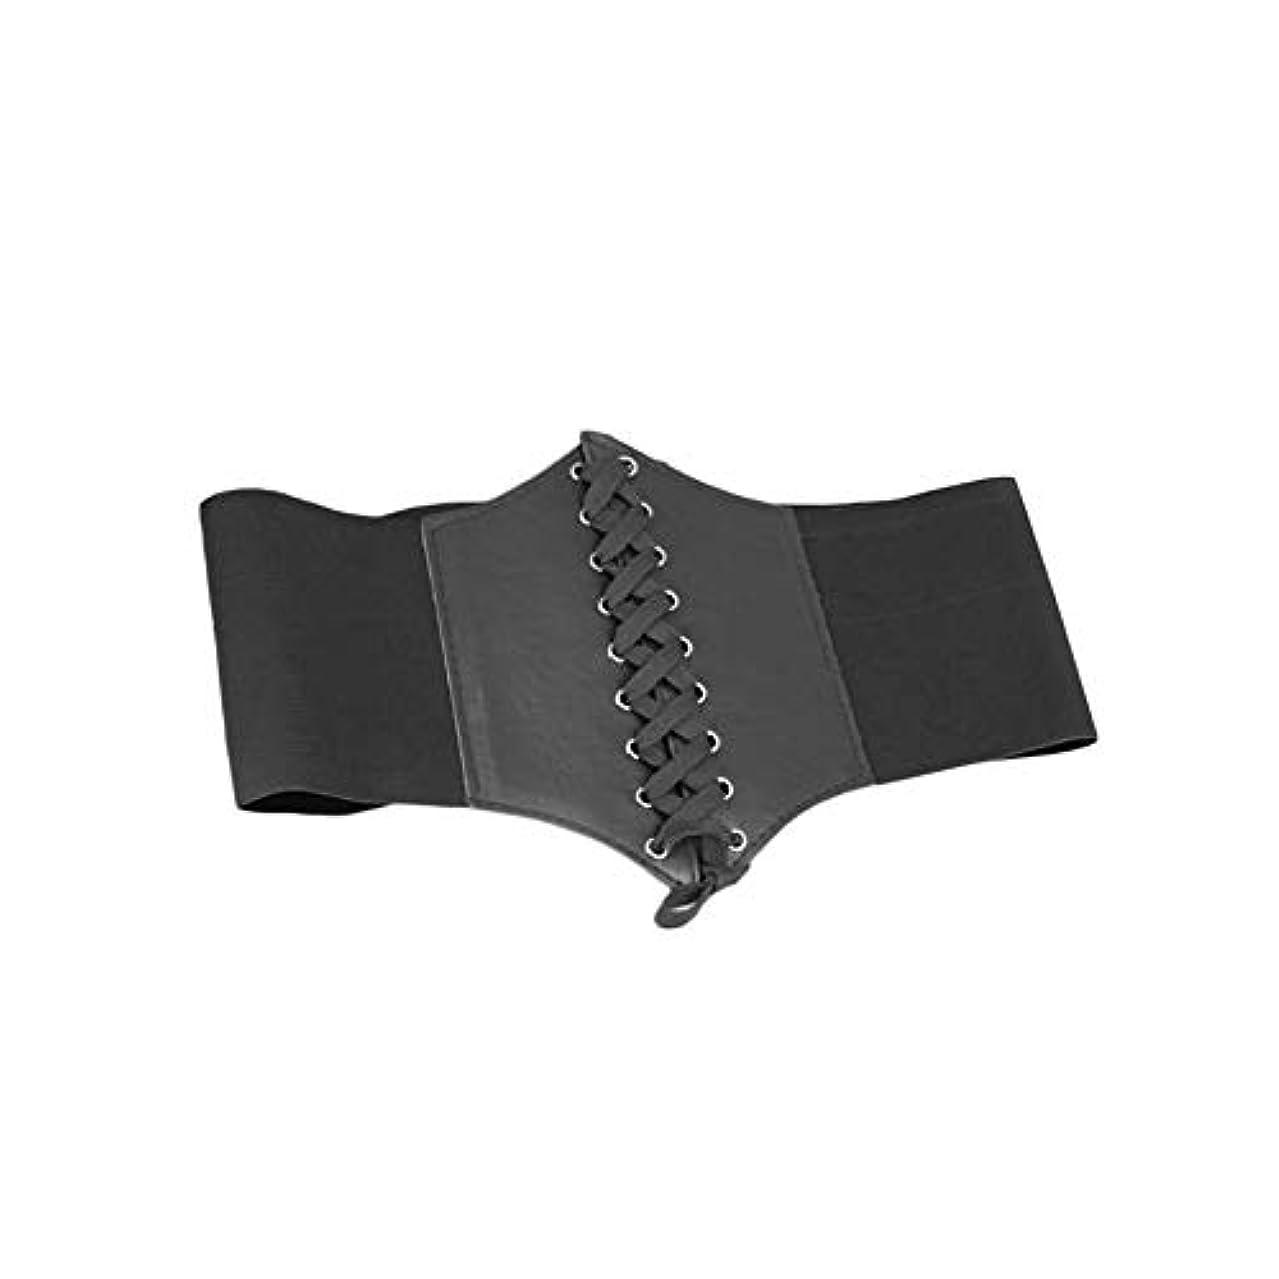 イタリック機密チケット女性ヴィンテージソリッドベルトウエストニッパーレースアップコルセット包帯ハイストレッチ調節可能なネクタイワイドウエストバンド用女性 - 黒